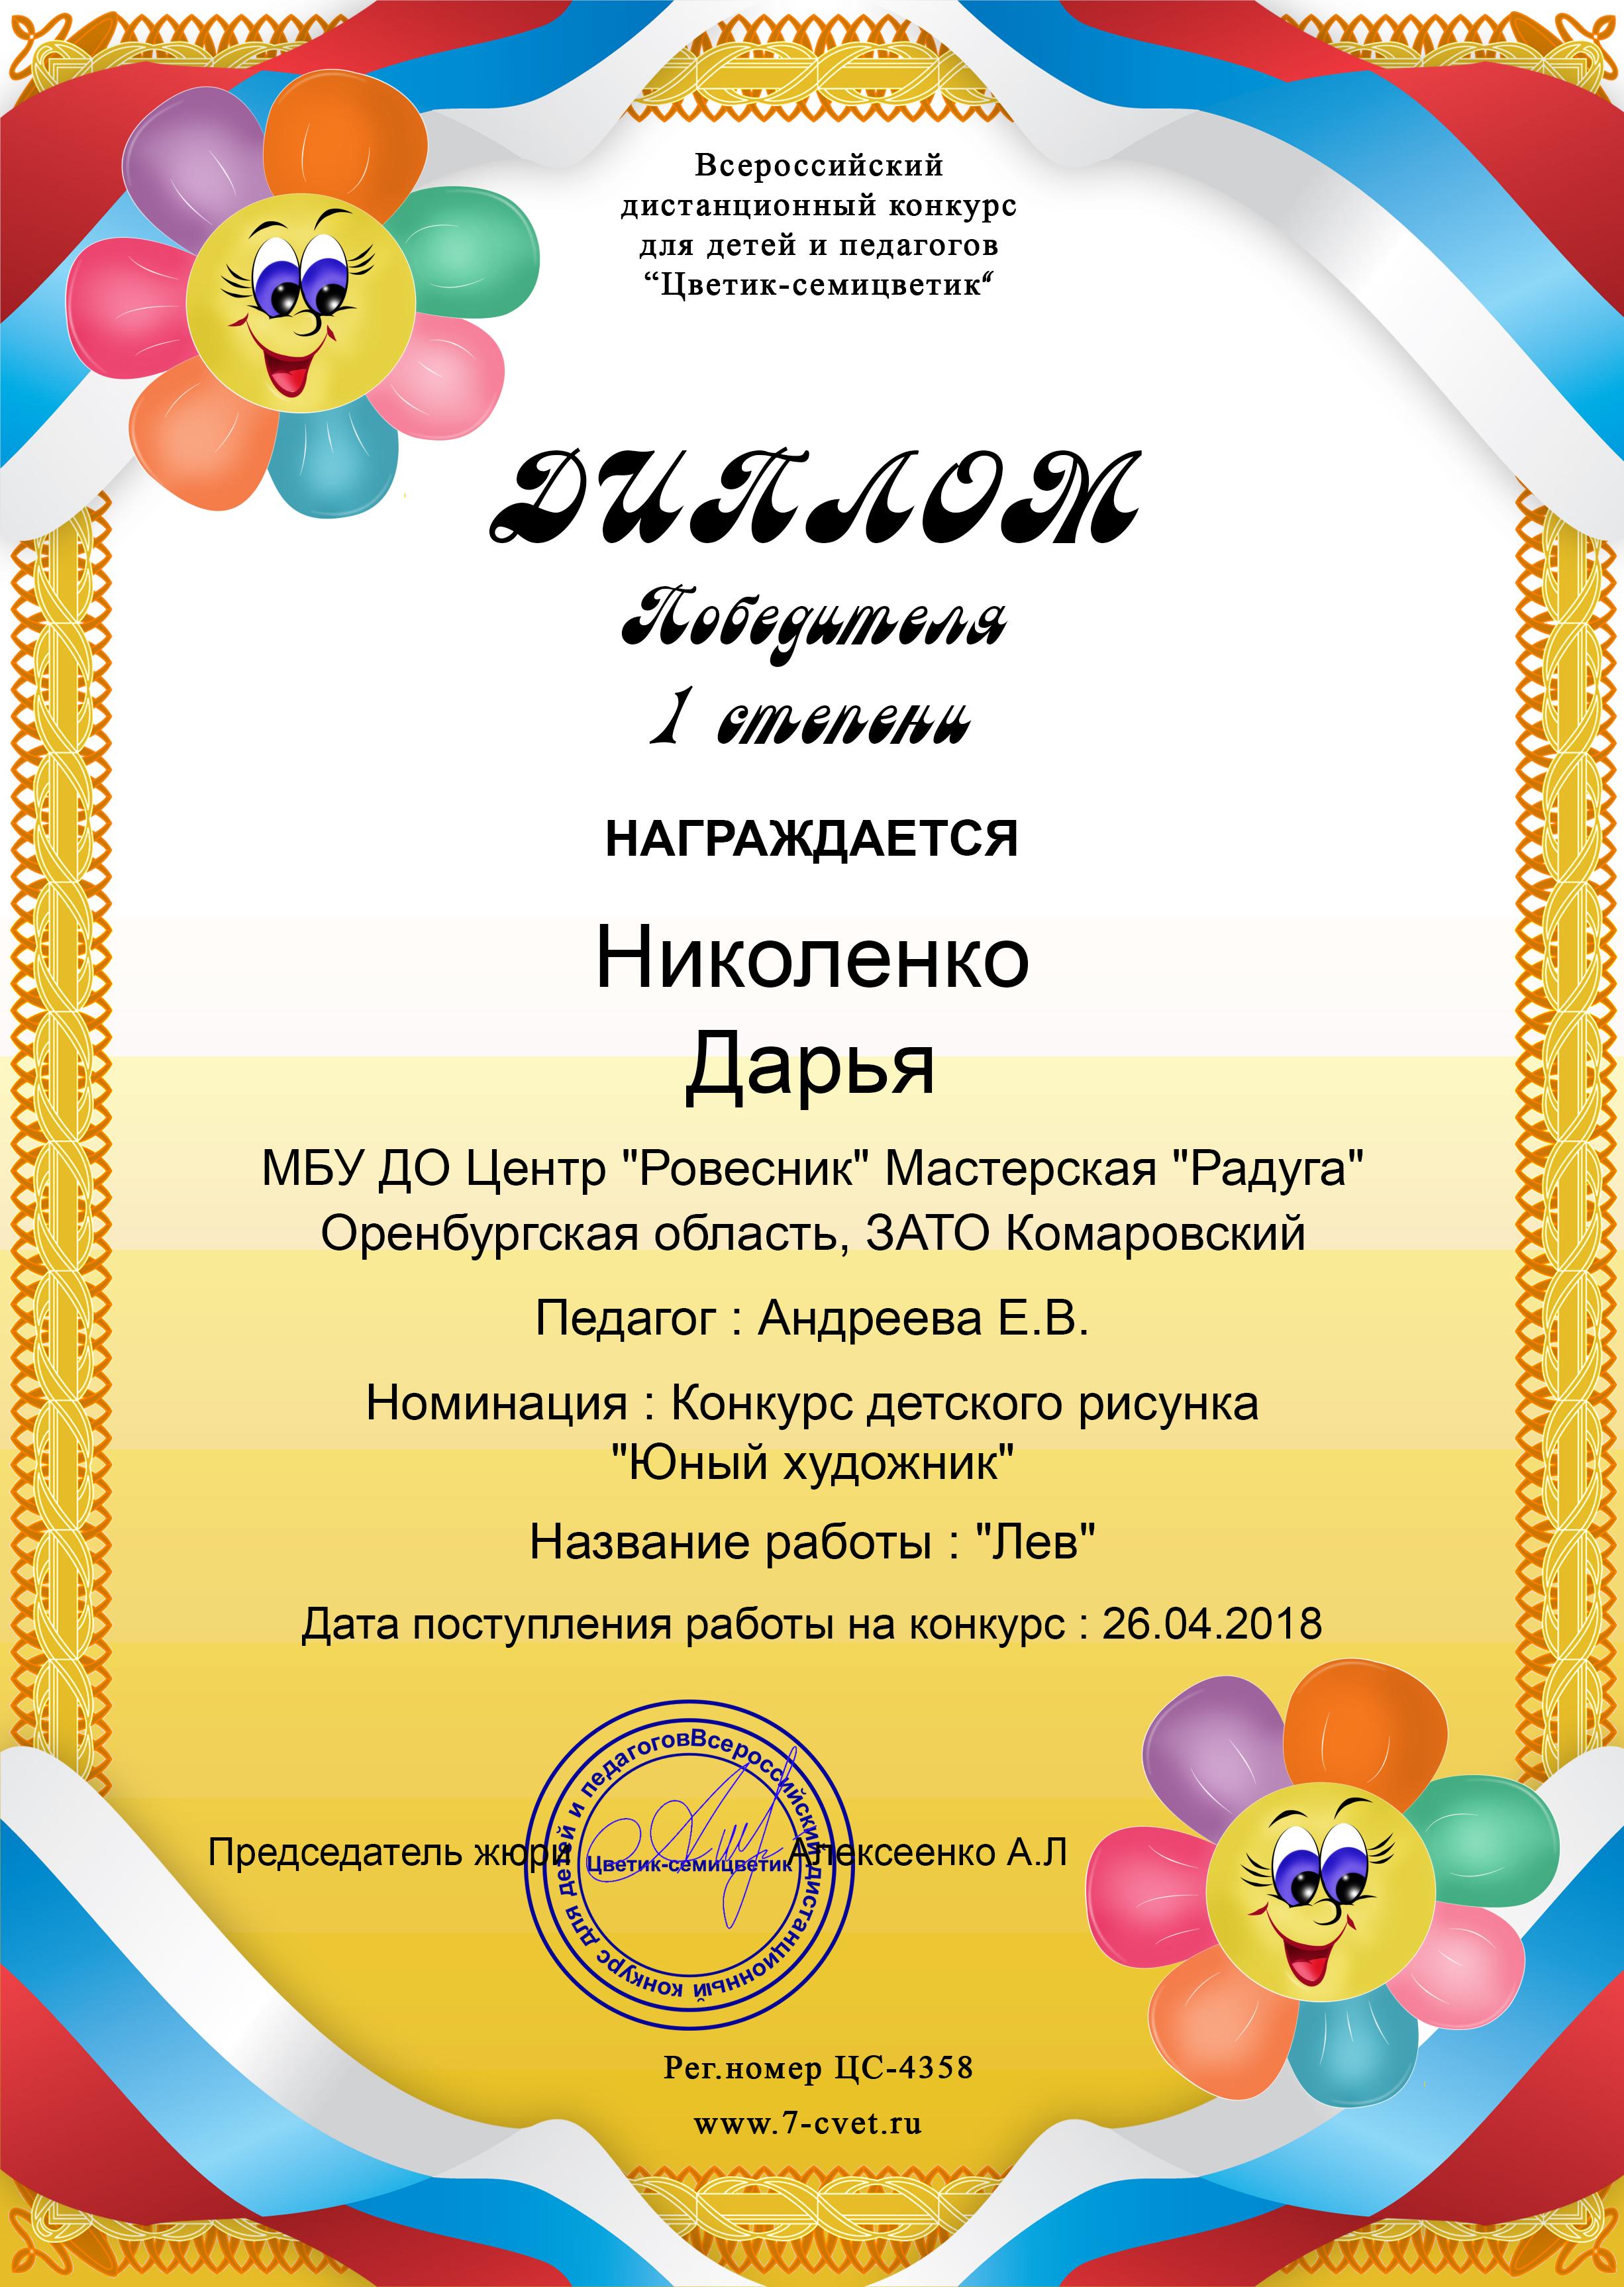 Николенко Дарья